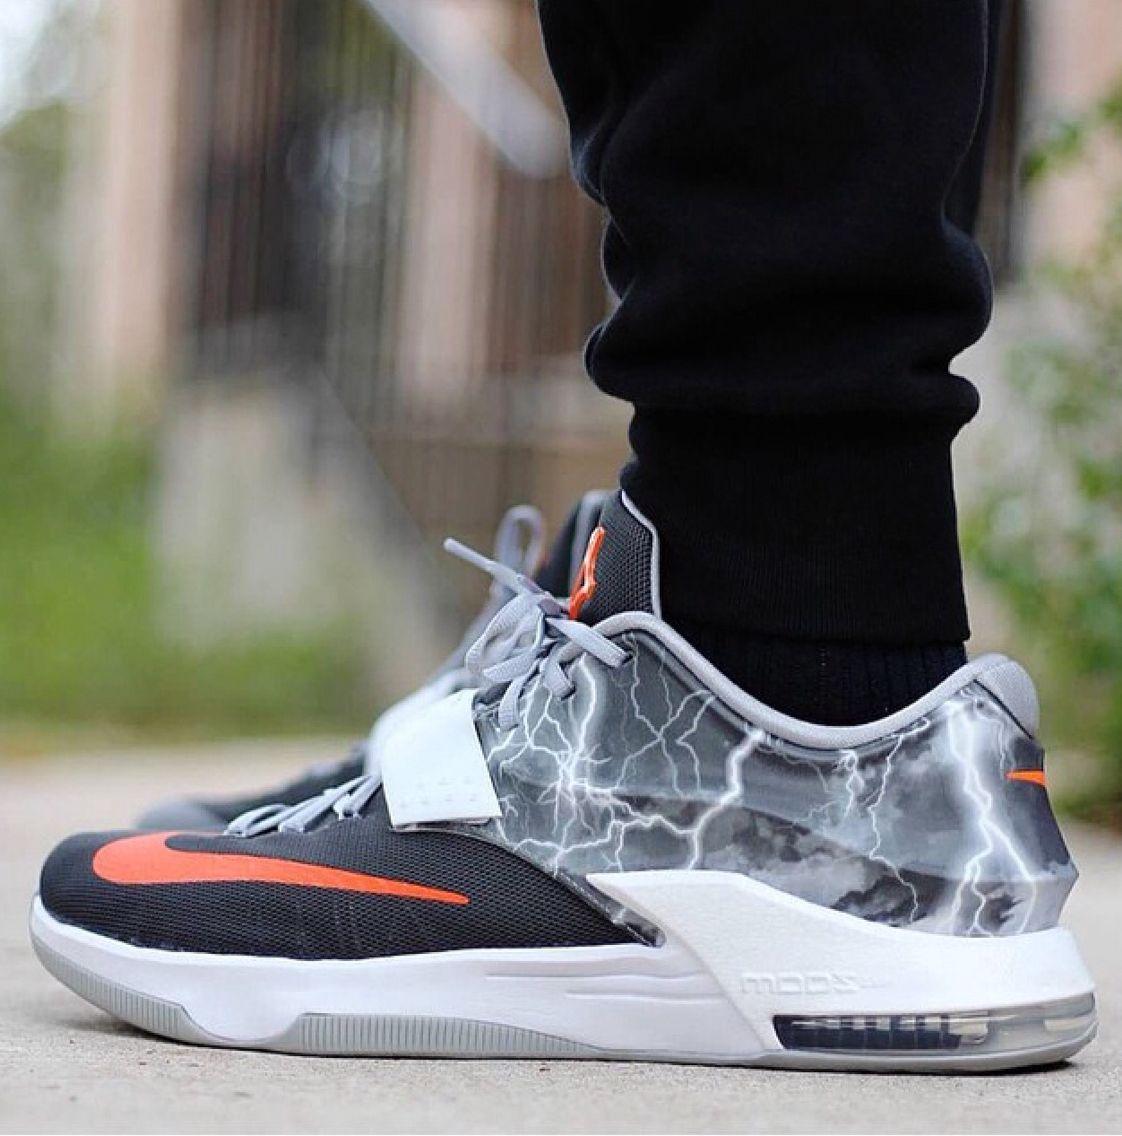 Nike kd7 id bmj Sneakers Pinterest Tenis Zapatillas y Zapato